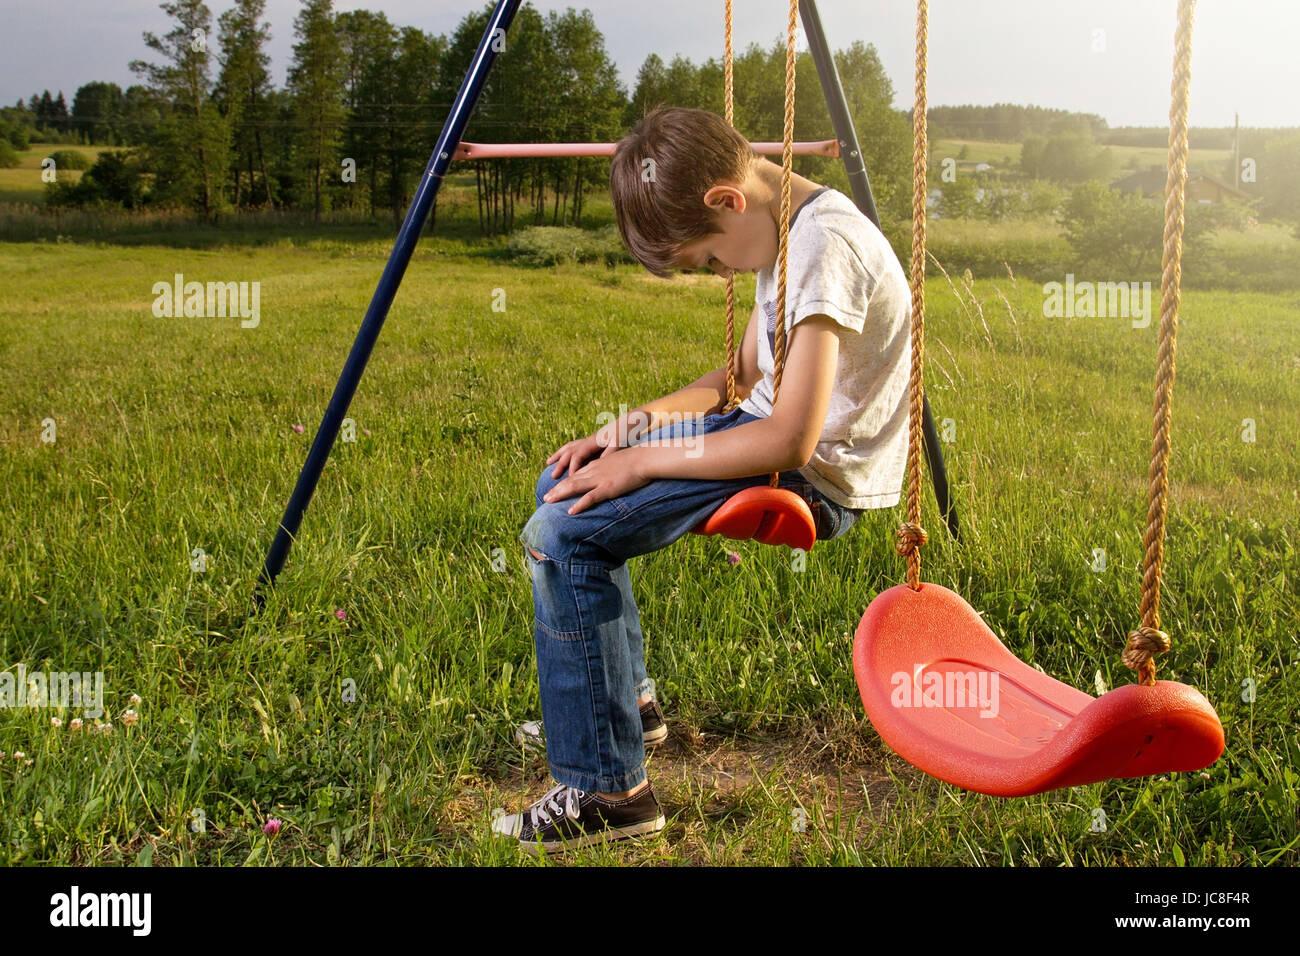 Traurig einsam Junge sitzt auf Schaukel allein